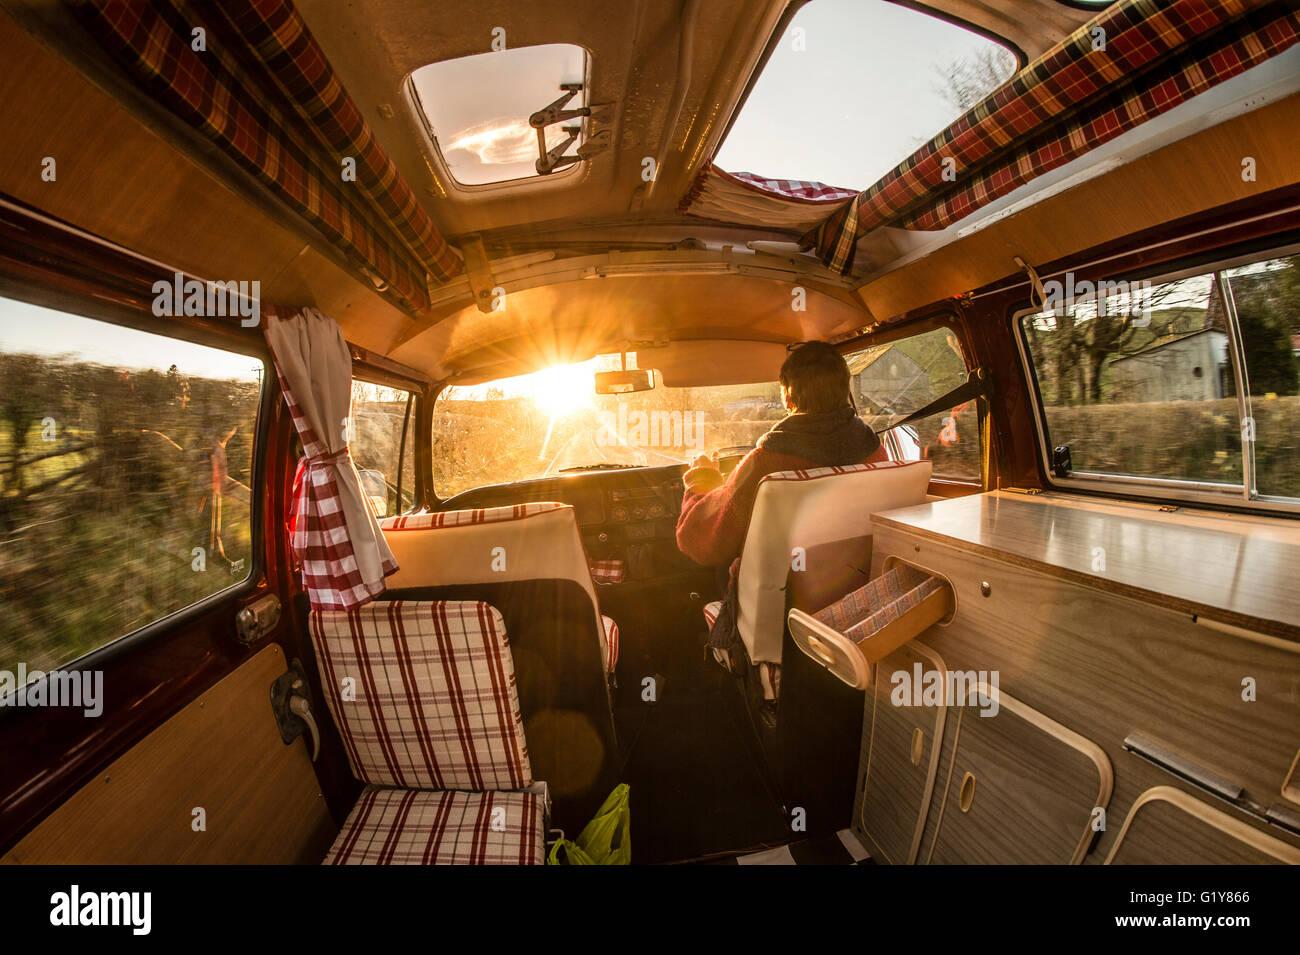 Interior Volkswagen Camper Van Vw Imgenes De Stock